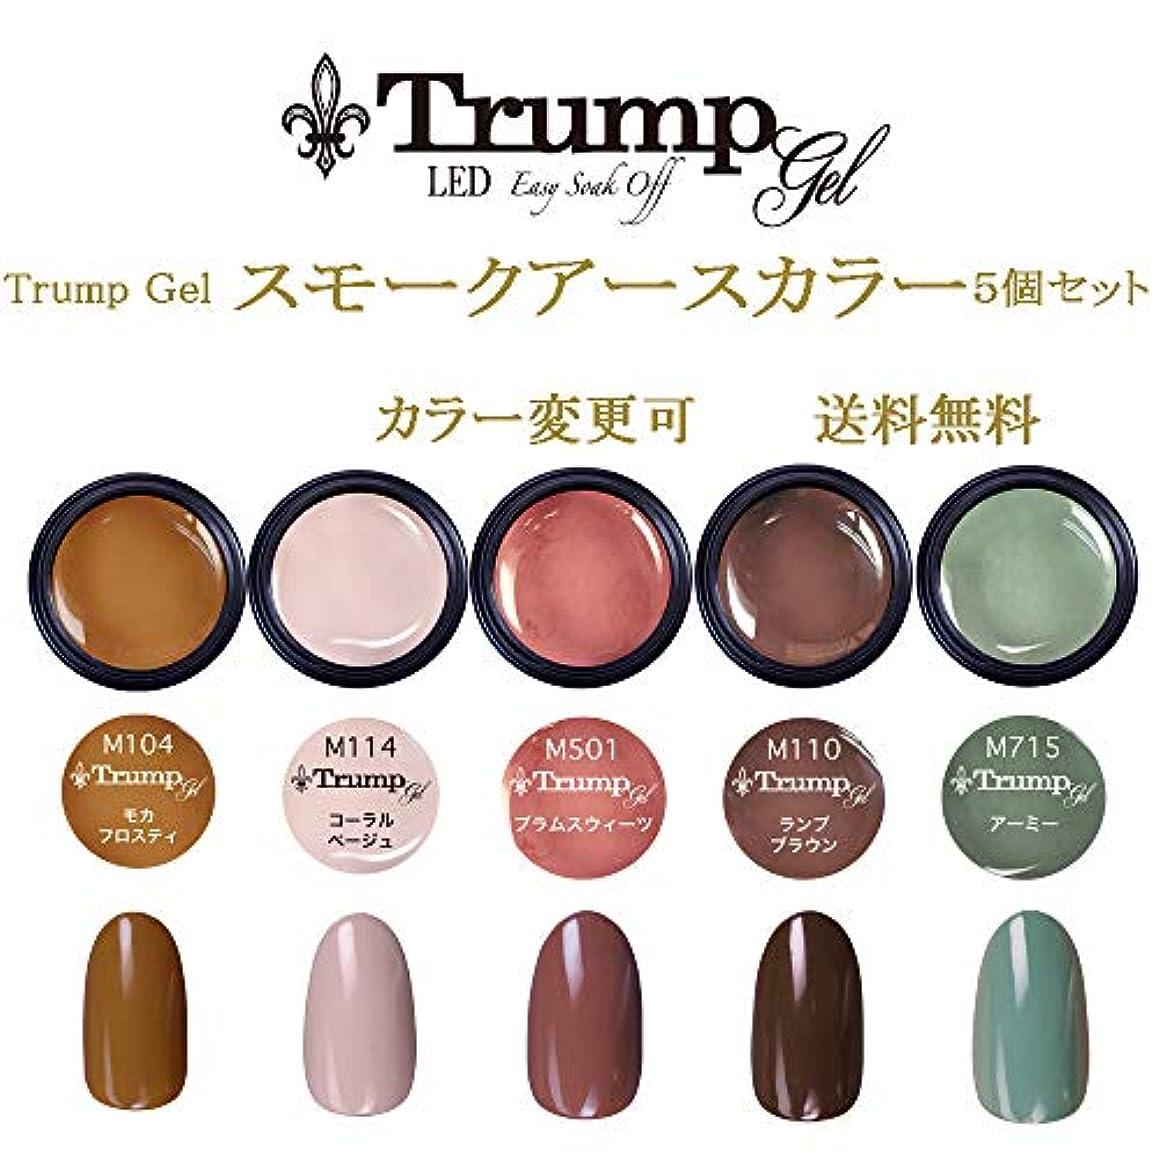 突然の可動語【送料無料】日本製 Trump gel トランプジェル スモークアース 選べる カラージェル 5個セット スモーキー アースカラー ベージュ ブラウン マスタード カーキ カラー